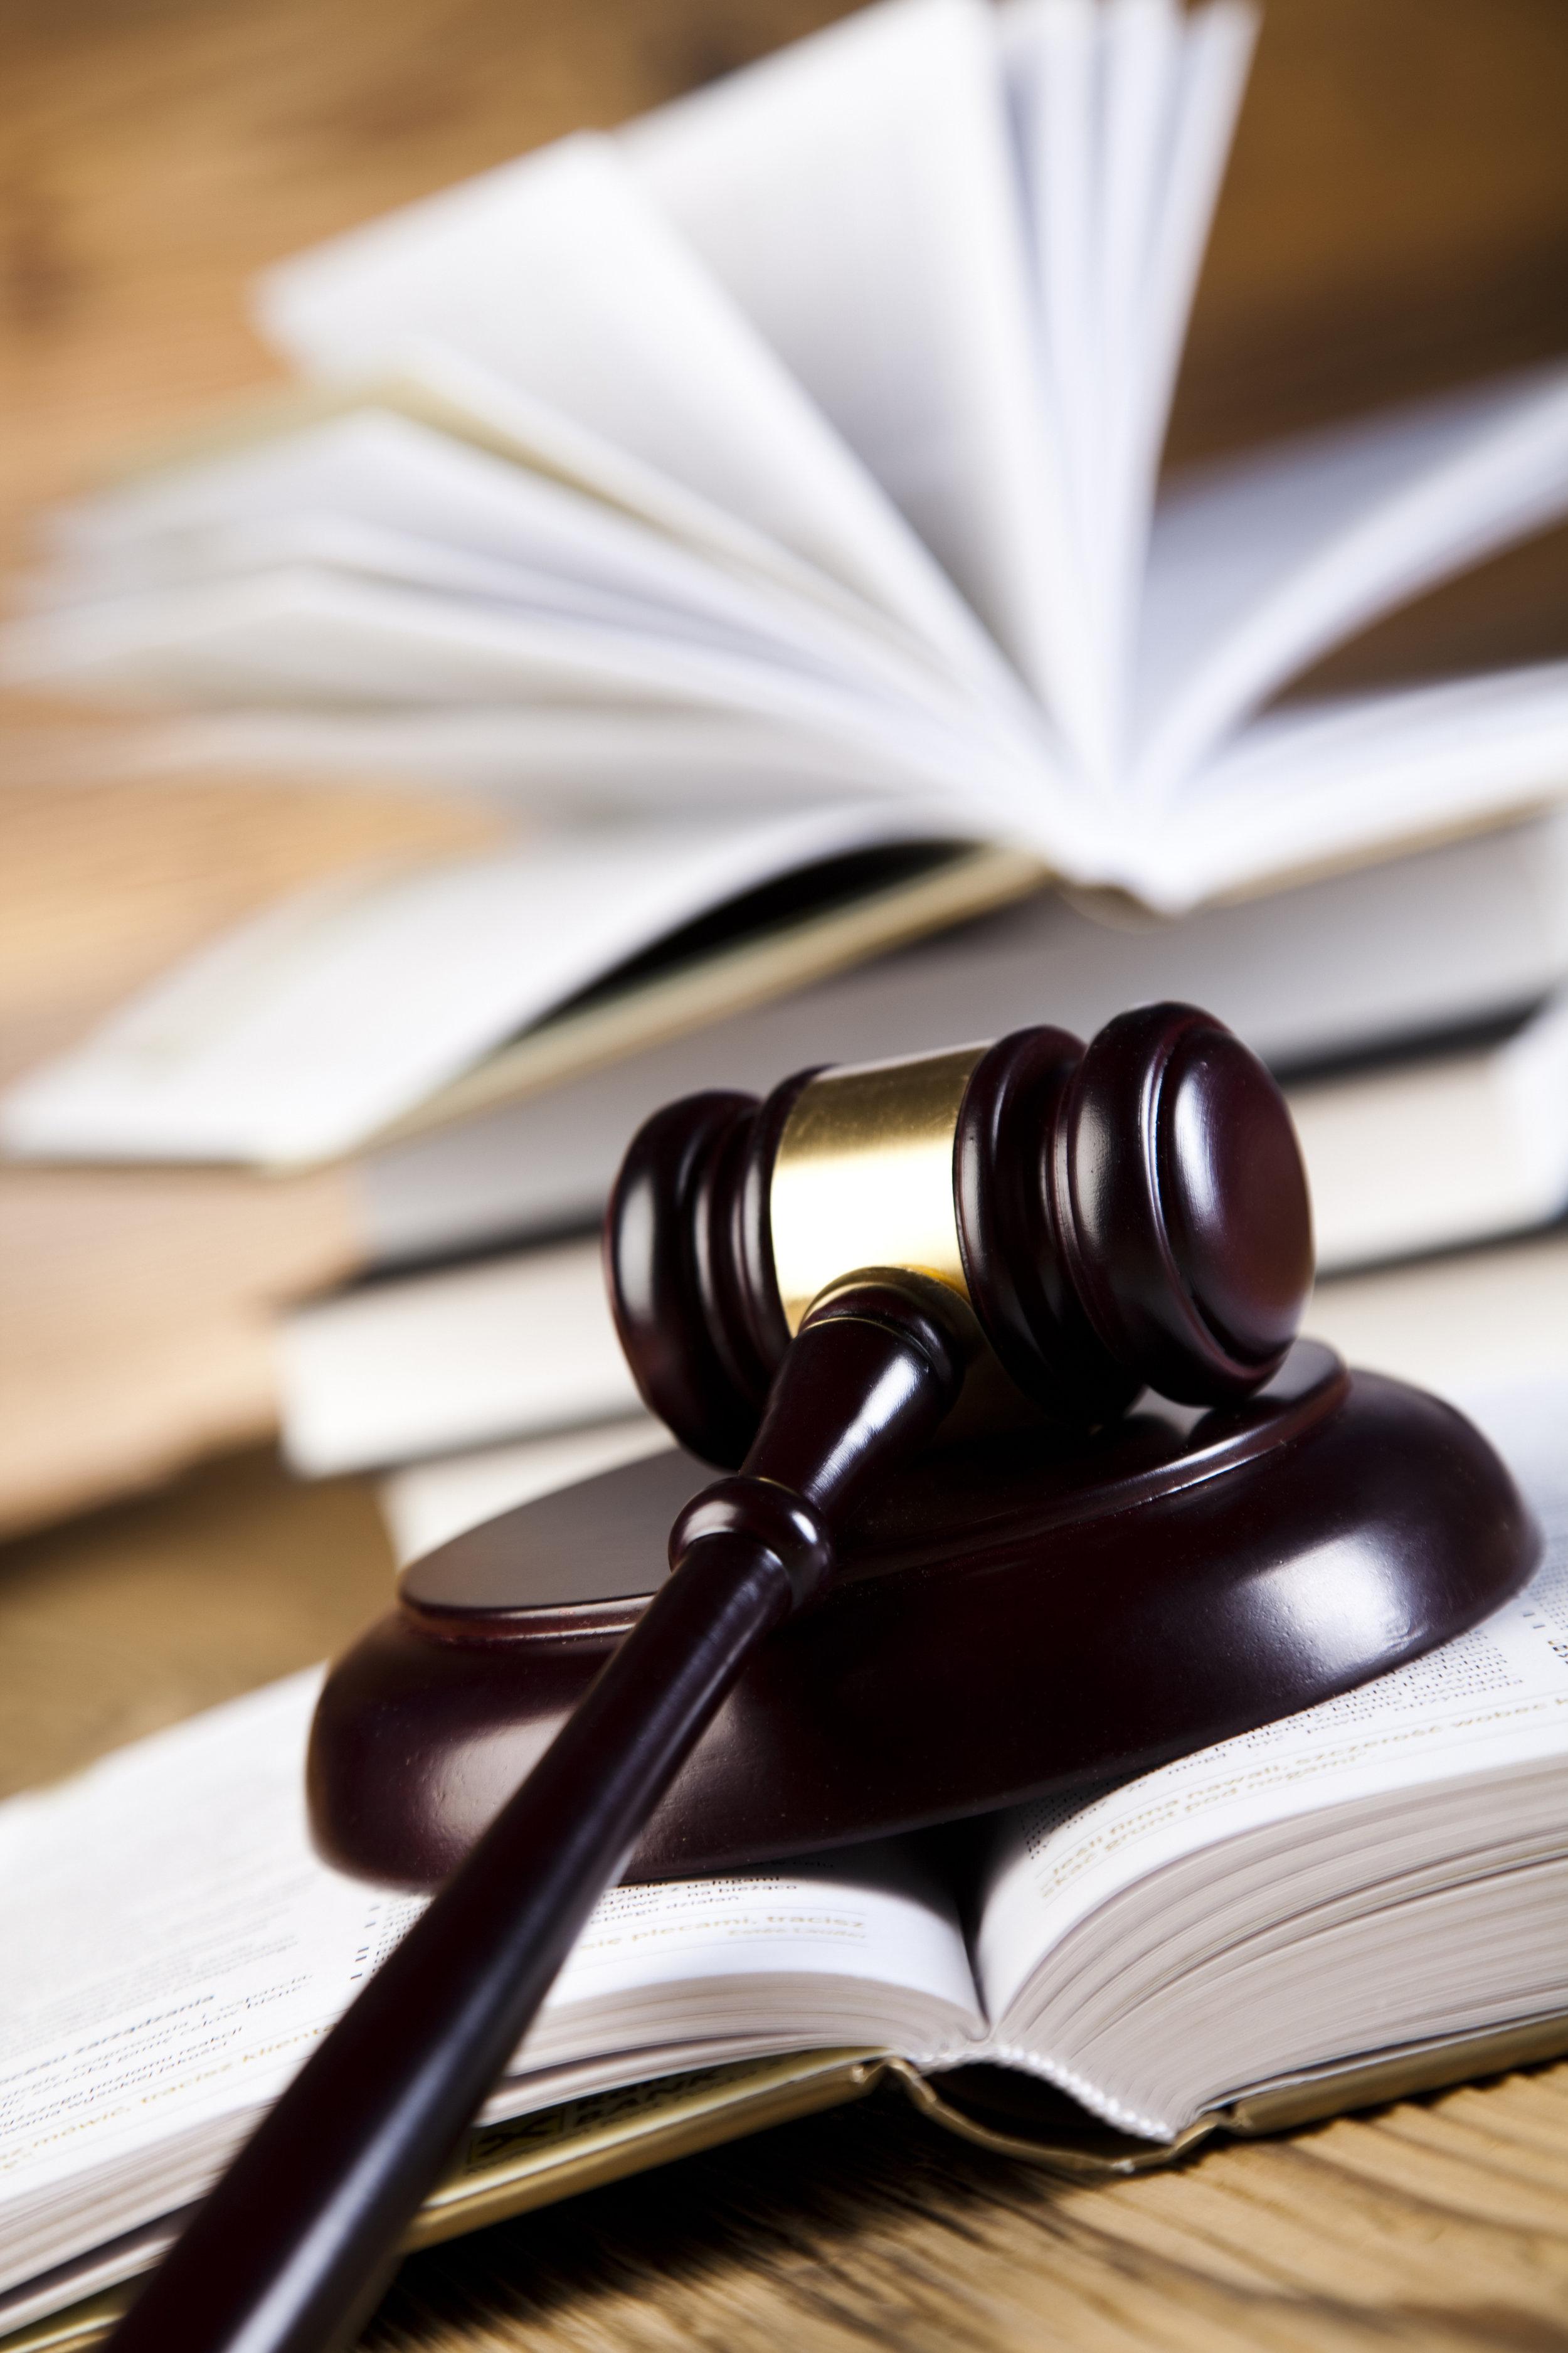 - Maître LEGRAND-CASTELLON vous assiste devant le Tribunal correctionnel (convocation par OPJ devant une Chambre Correctionnelle), ou devant le Pocureur de la République dans le cadre d'une convocation sur reconnaissance préalable de culpabilité.Dès que vous êtes en possession de la convocation, vous devez sans tarder prendre contact avec votre avocat afin d'envisager les éléments de défense pour la préparation de l'audience.Maître LEGRAND-CASTELLON assiste également les prévenus en urgence aux audiences de comparutions immédiates.Dans ce cas, l'urgence doit être indiquée le plus rapidement possible à l'avocat.